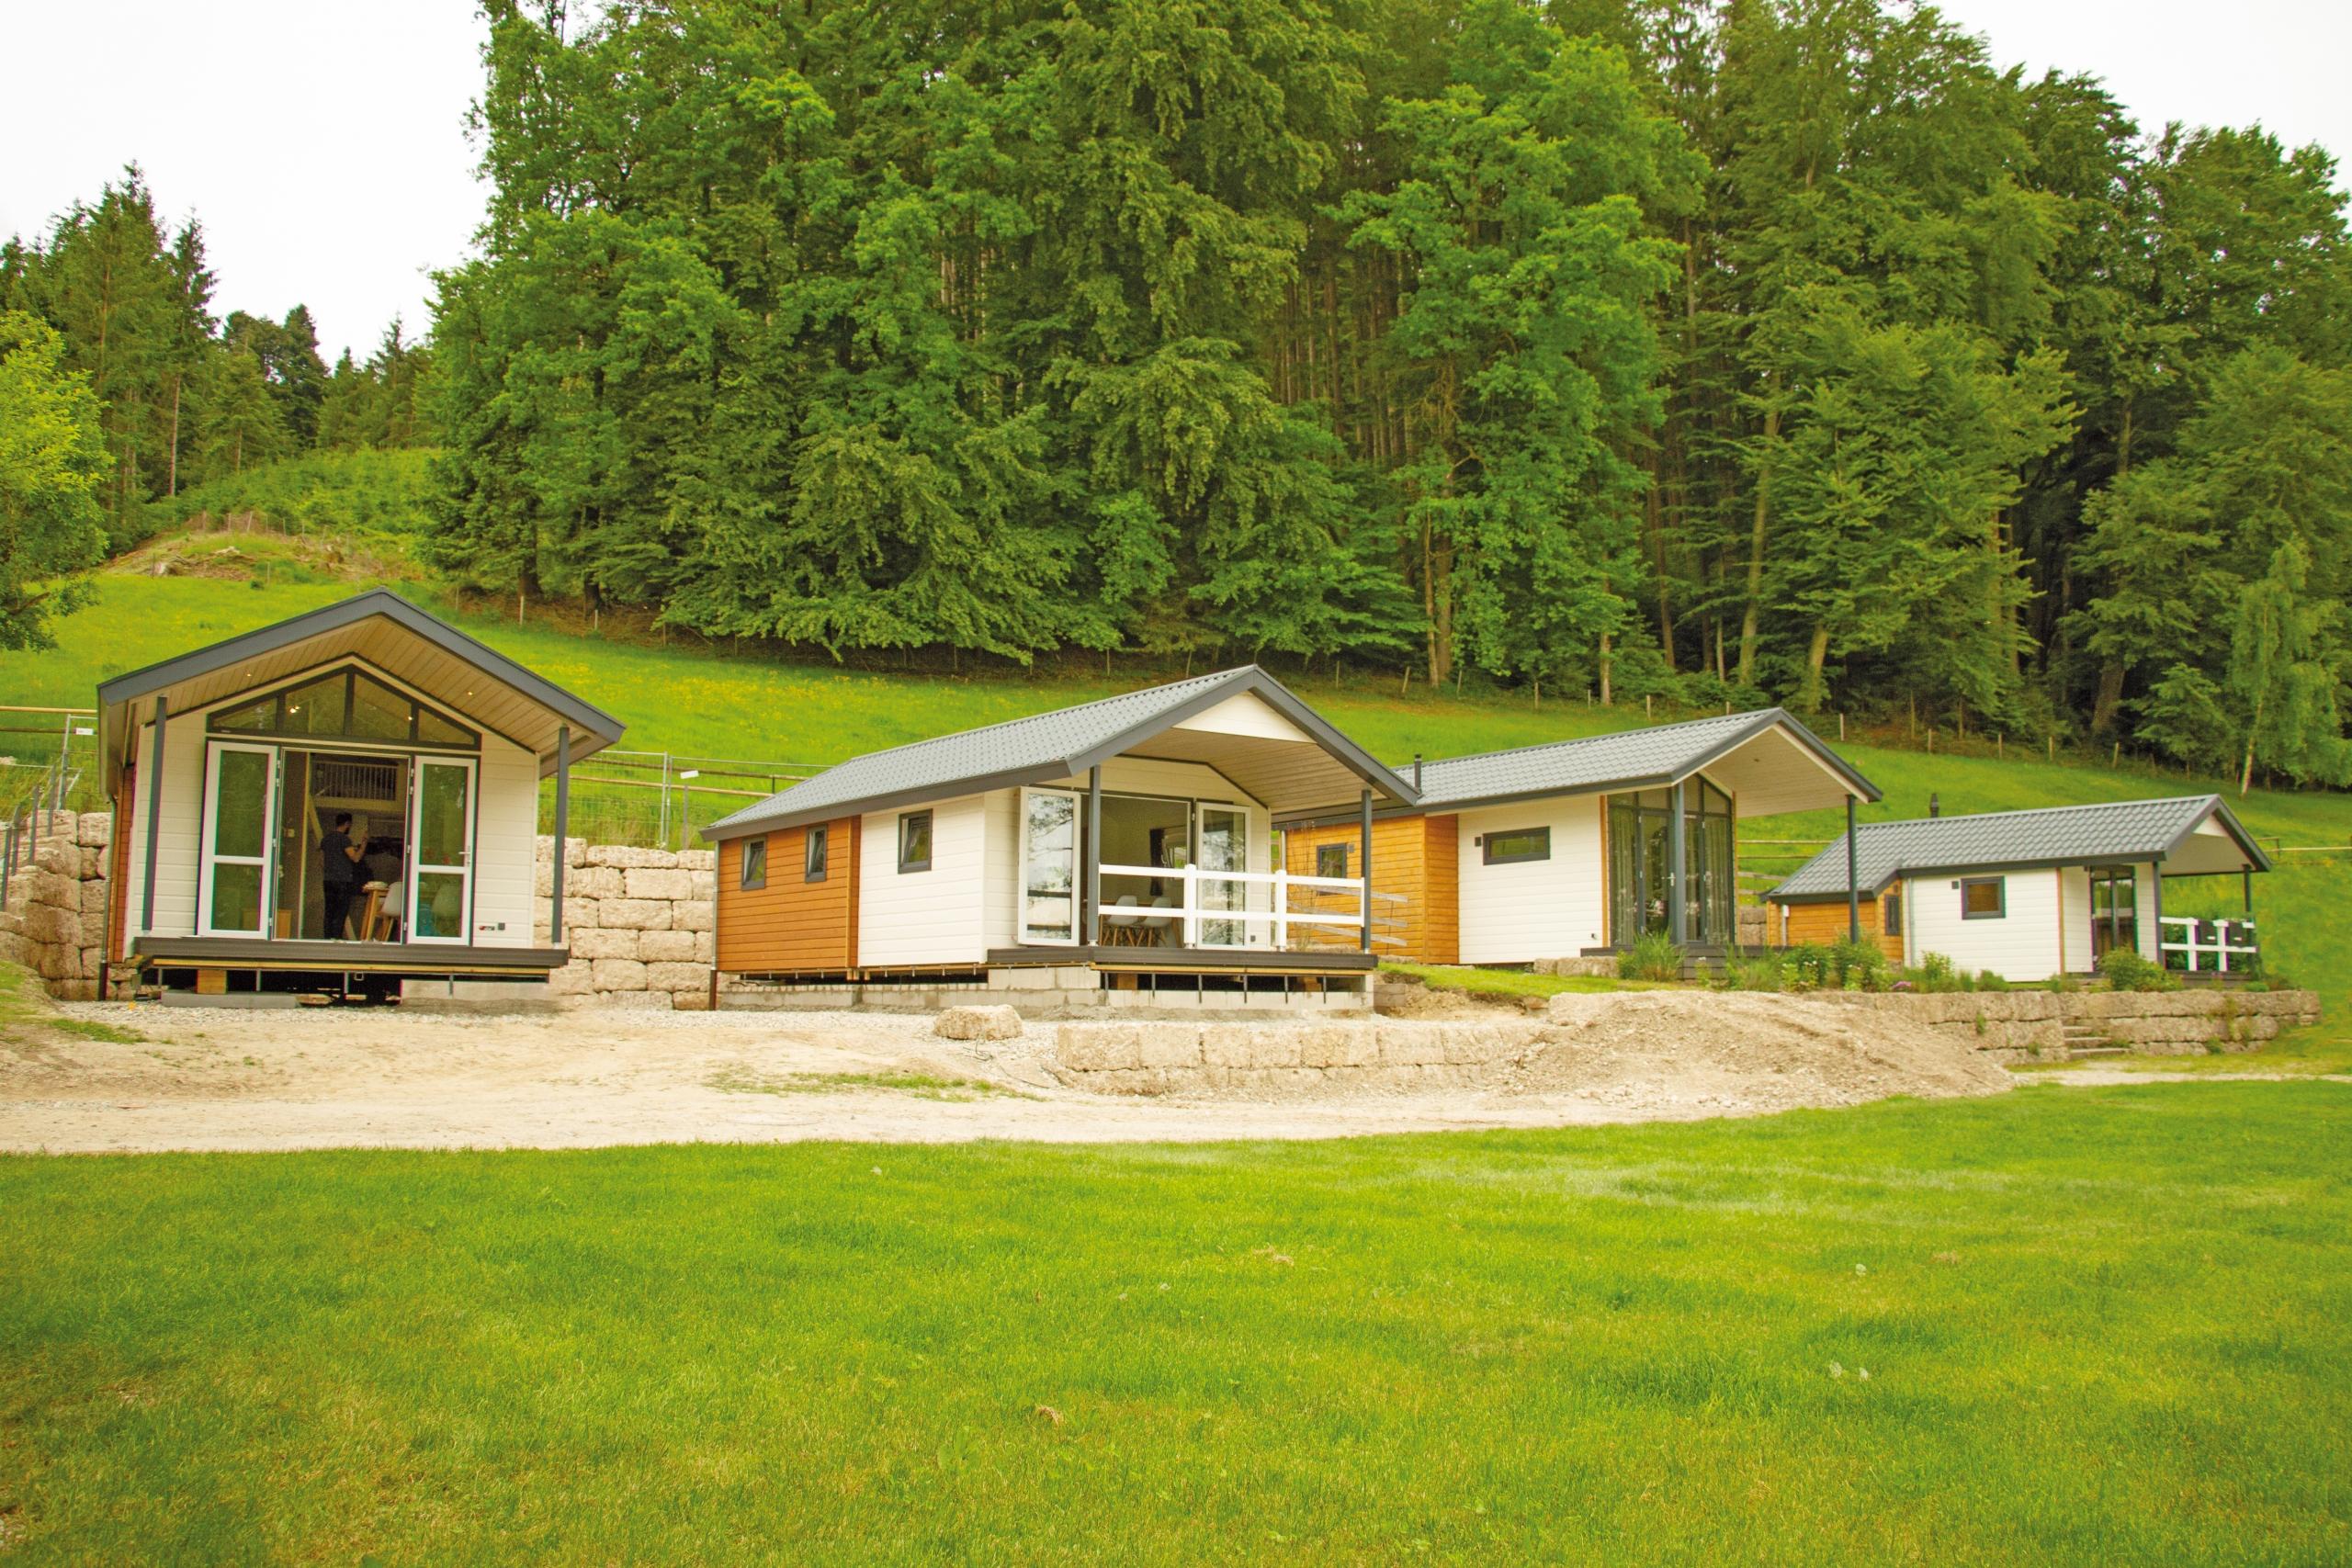 Camping-Stein-Vermietung-Mobilheim-Chalets